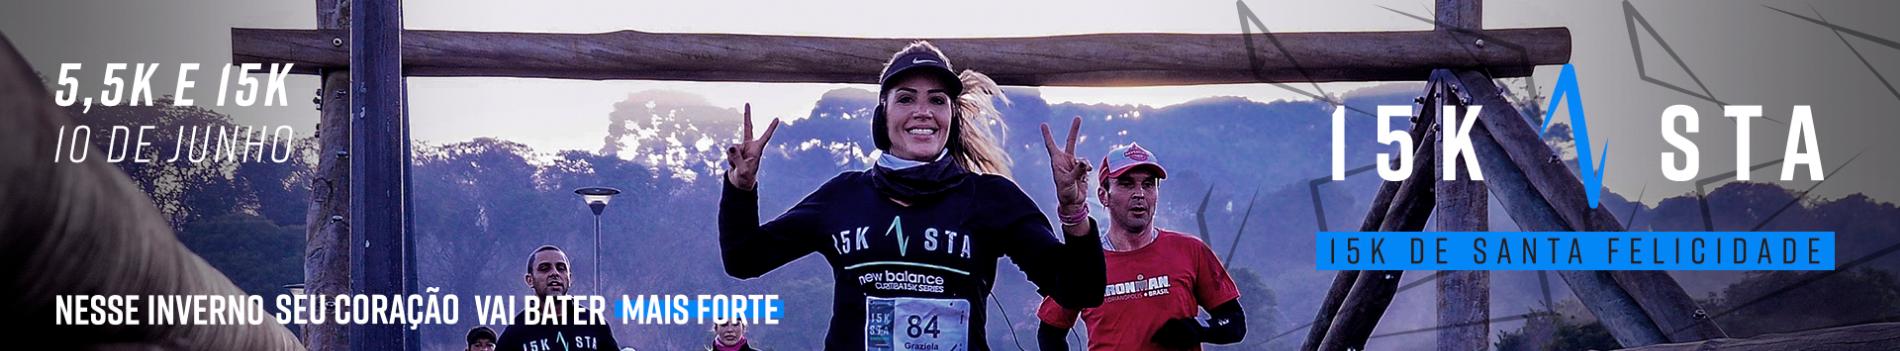 4ª CORRIDA 15K DE SANTA FELICIDADE - 2018 - Imagem de topo